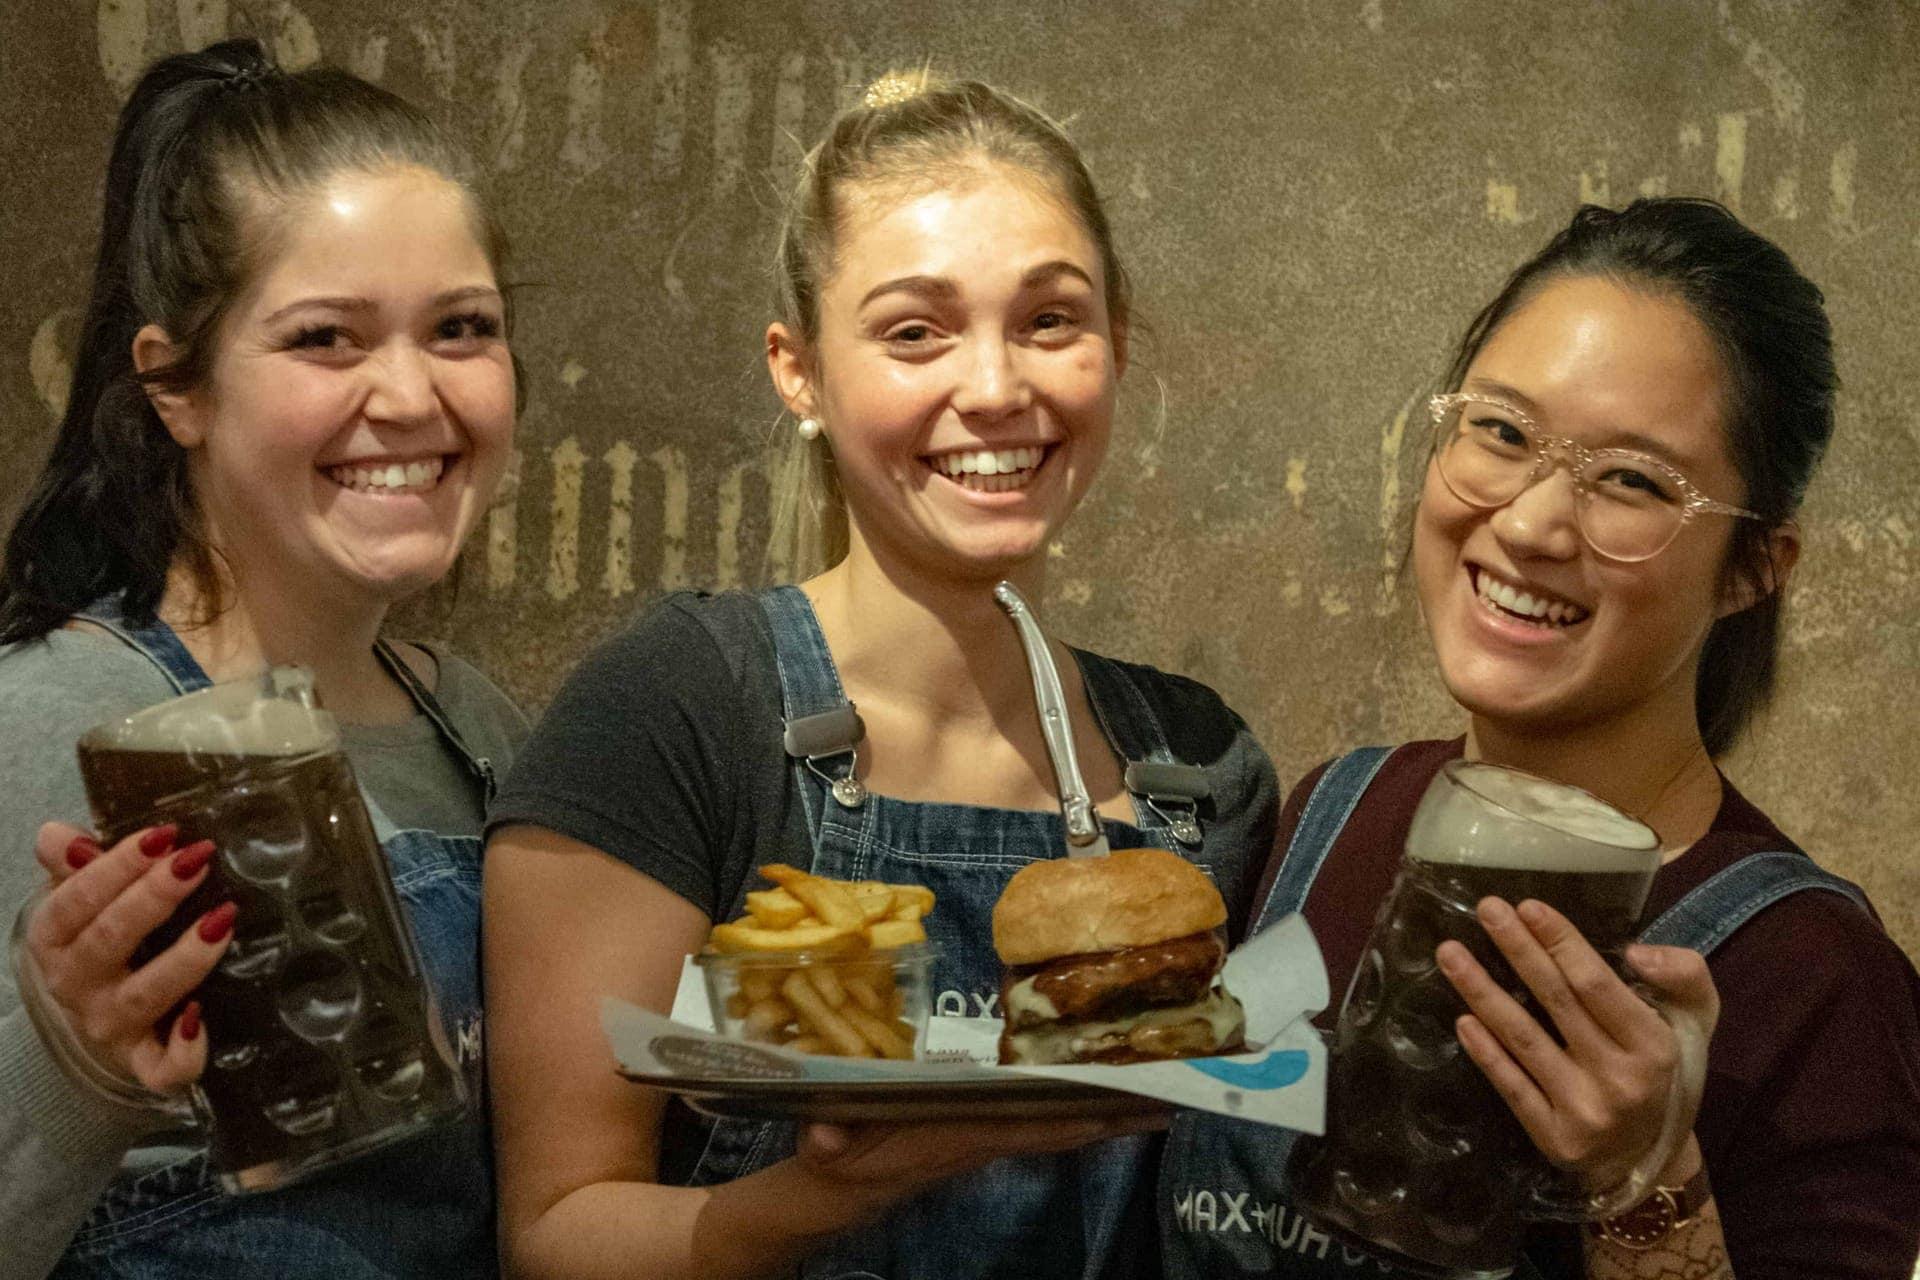 Wirtshauskultur trifft hochklassige Burger Bei Max & Muh finden sich leckere Burger, Muuhhritos und die kultig-bayerische Goaßmaß auf der Karte